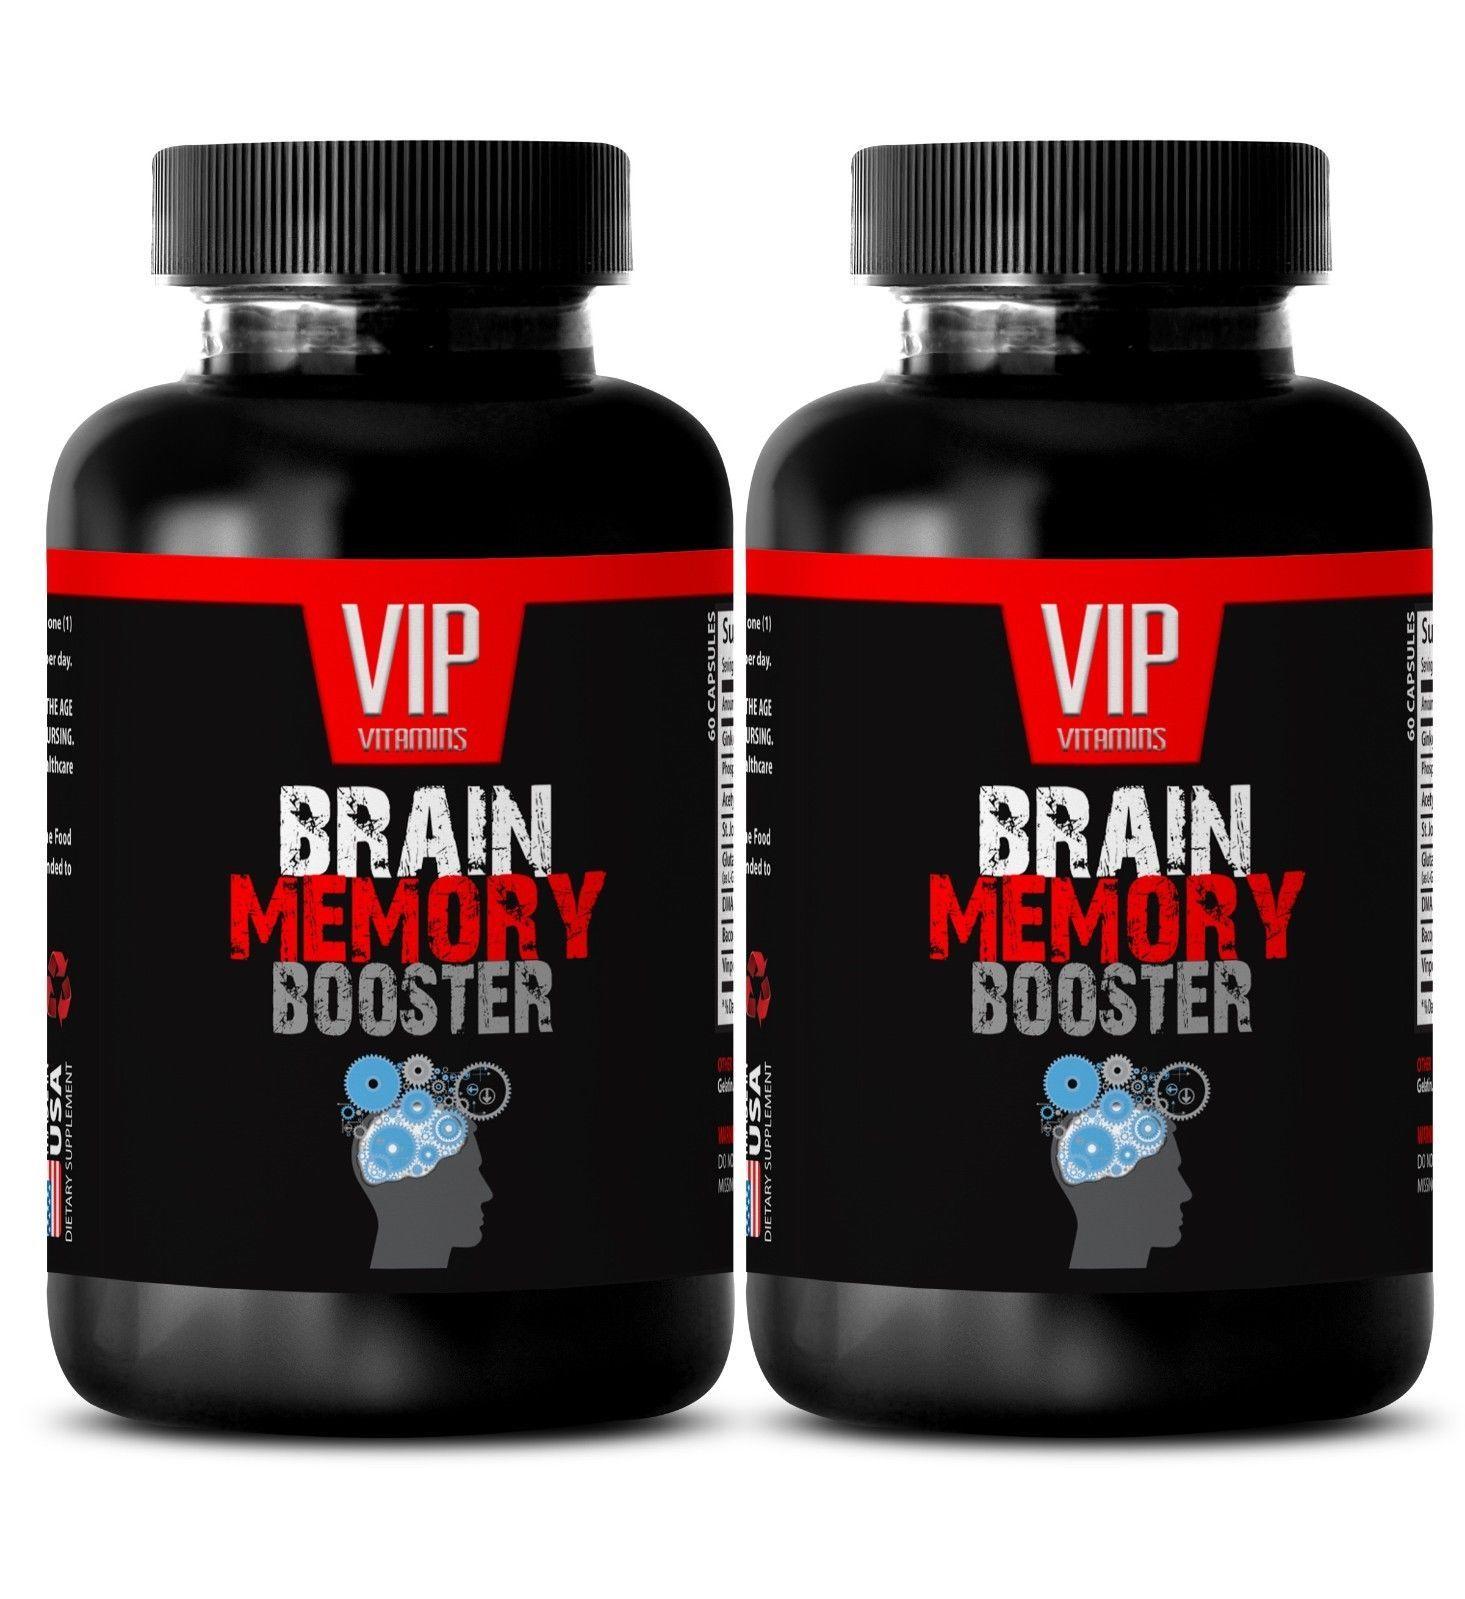 energy boost for women - BRAIN MEMORY BOOSTER - brain memory focus - 2 Bottles - $24.27